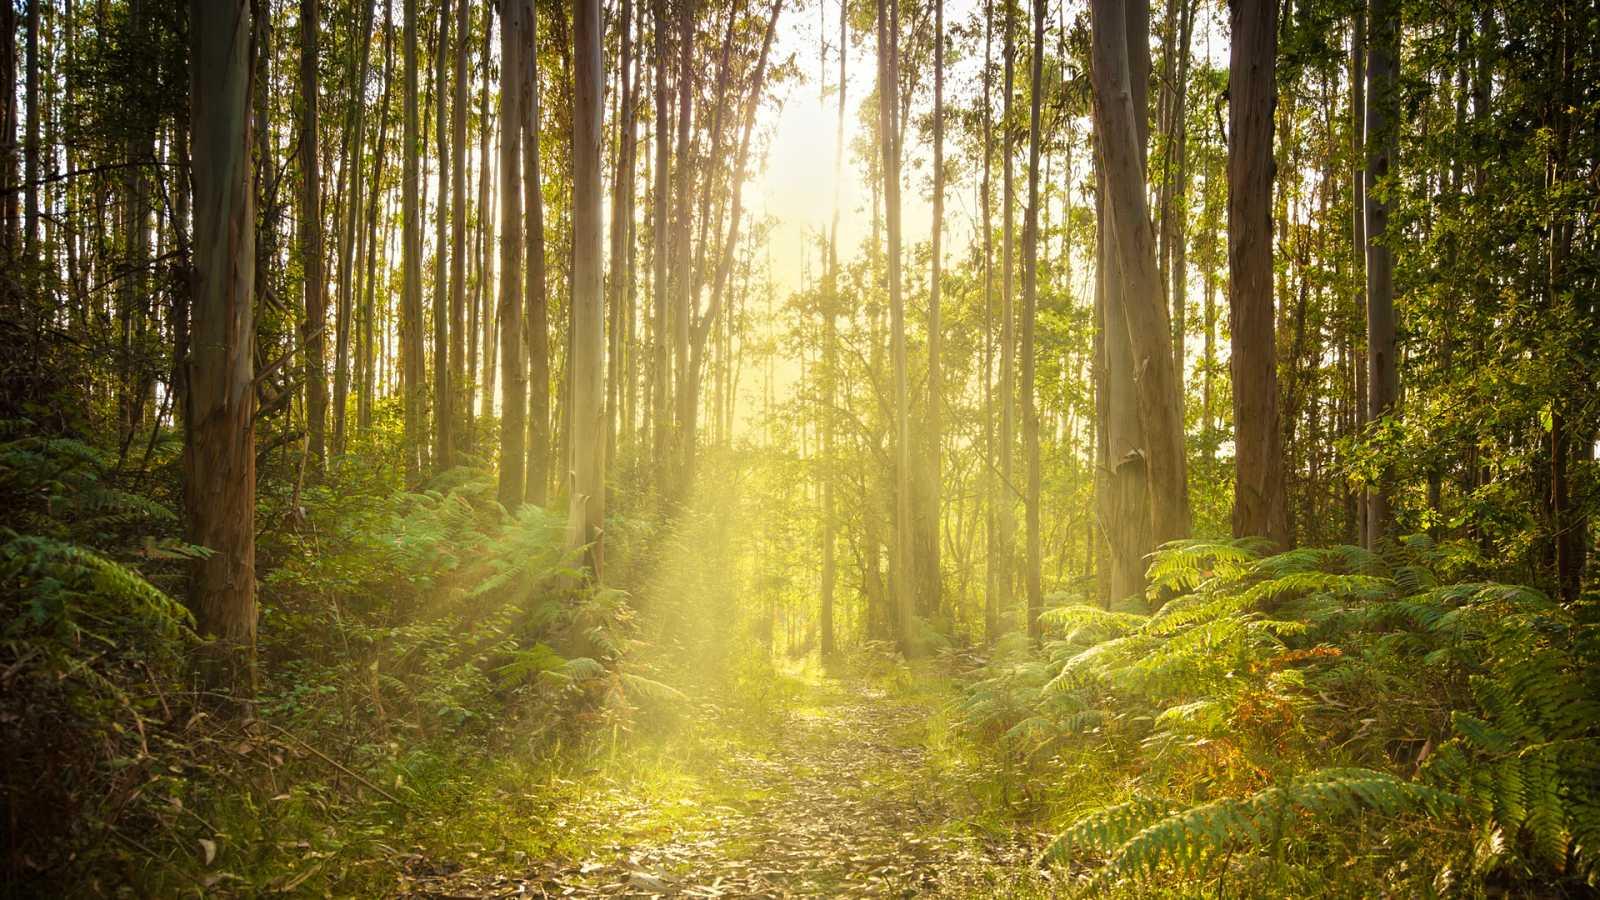 En clave Turismo - 21 de marzo, Día Internacional de los Bosques - 16/03/21 - escuchar ahora